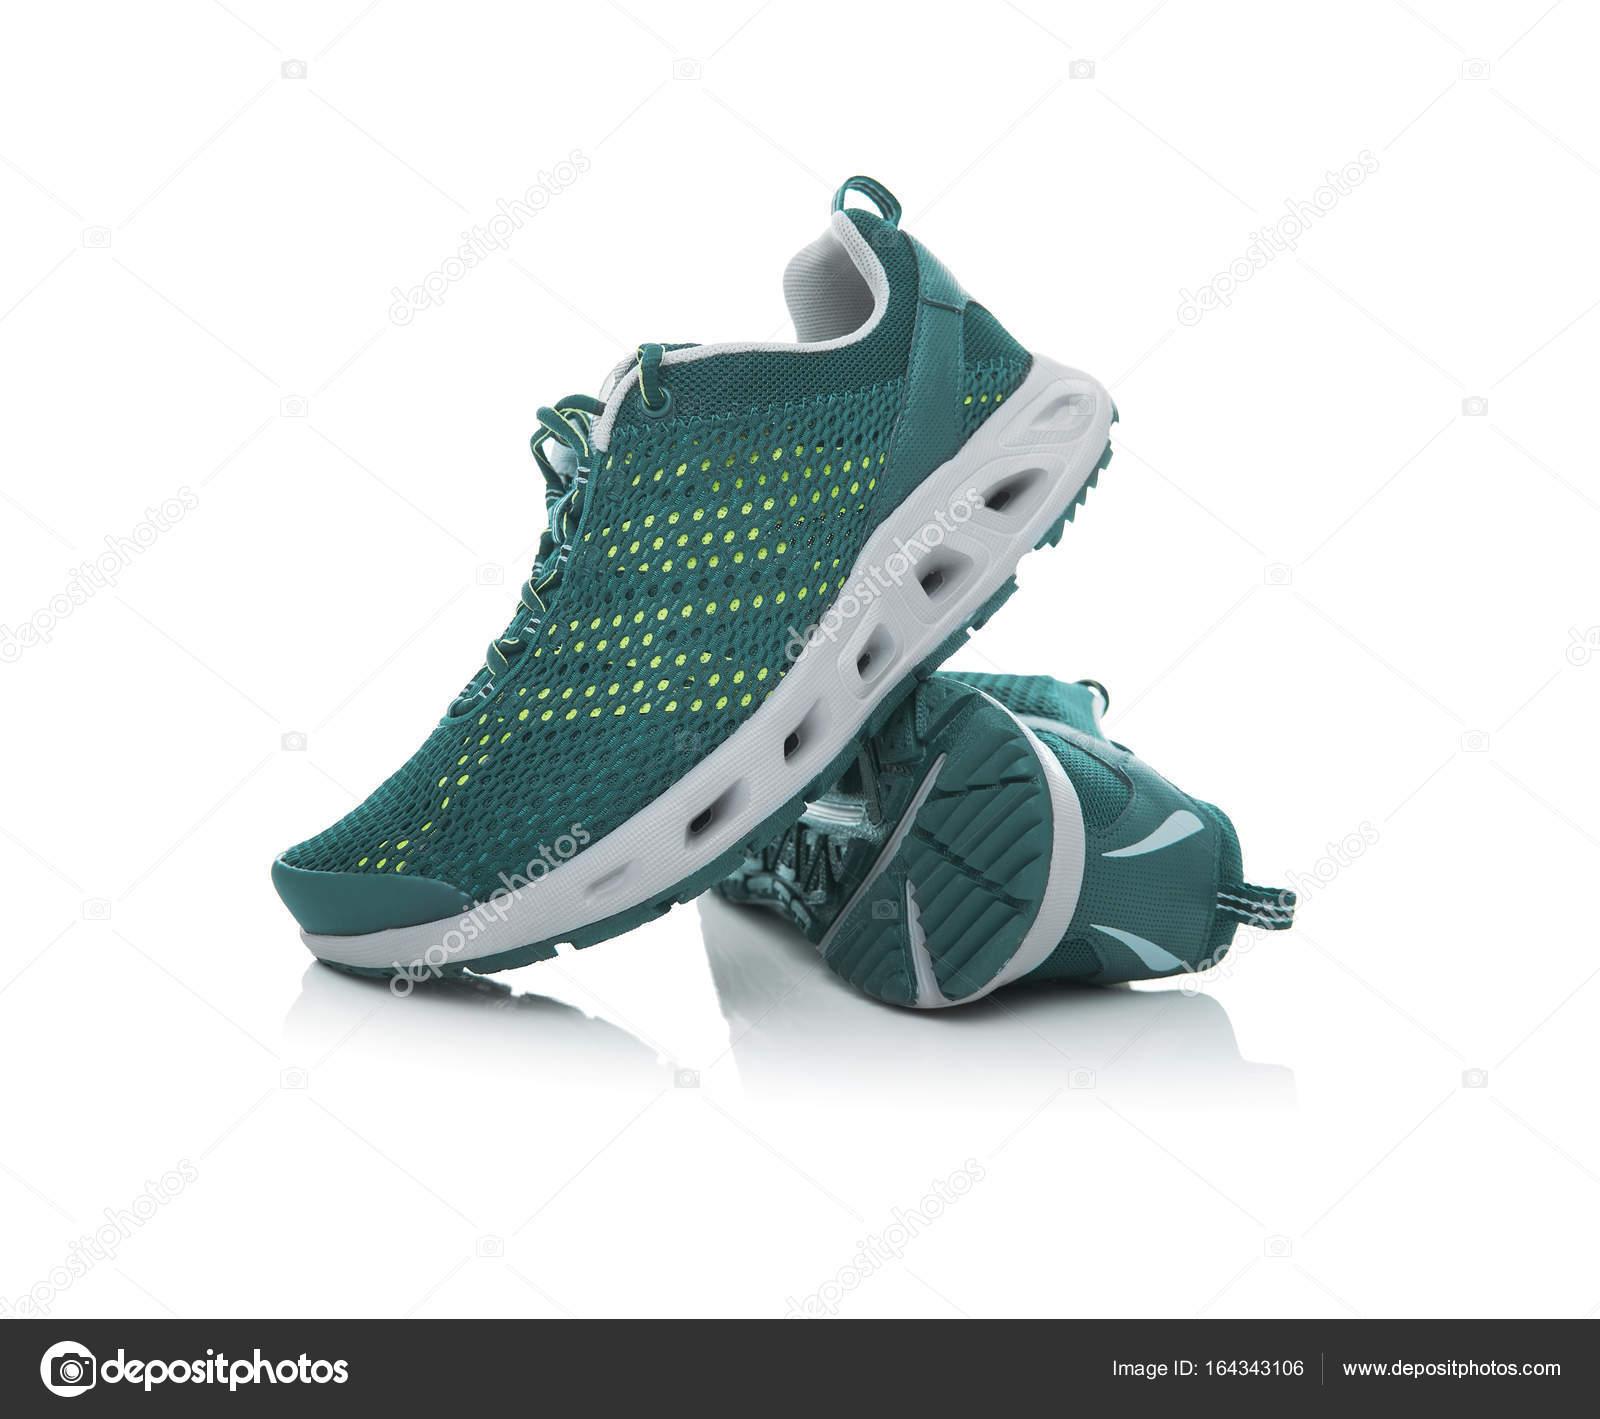 Aislados Sobre Zapatillas Marca Deporte Fotos Sin Fondo Blanco— De XTOZiuPk